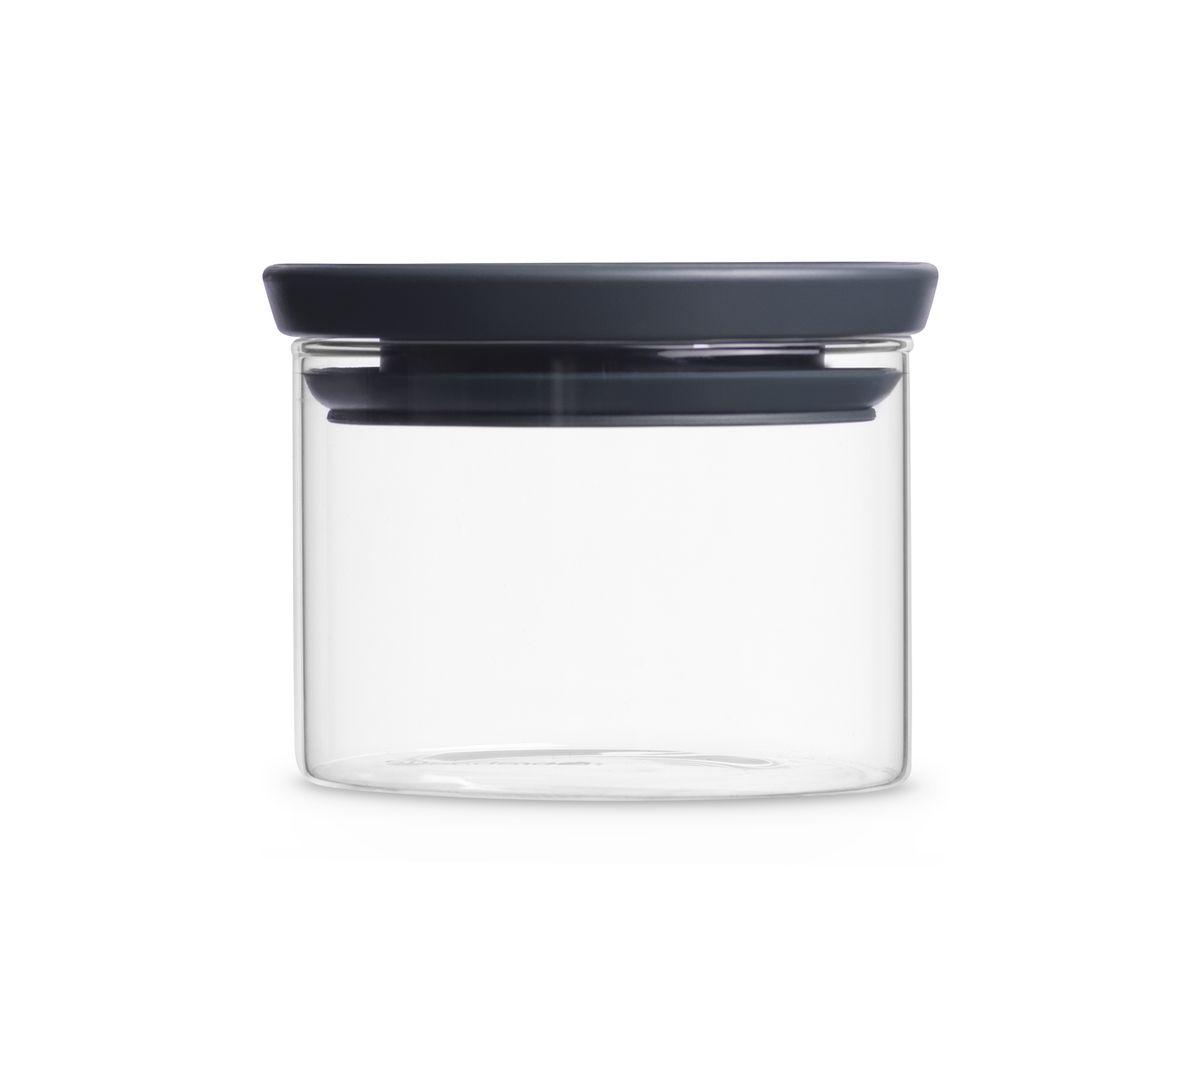 Модульная стеклянная банка Brabantia 0,3л298301Эти удобные модульные стеклянные банки для хранения любых продуктов непременно станут вашими любимыми. Идеальное решение для хранения продуктов – предлагаются в ассортименте различных размеров; Ваши любимые продукты дольше сохраняют свежесть – герметичная крышка; Легко моются – банки и крышки можно мыть в посудомоечной машине; Хорошо видно содержимое и его объем – прозрачное стекло; Рациональное использование пространства – модульная конструкция: банки составляются одна на другую; 10-летняя гарантия Brabantia.